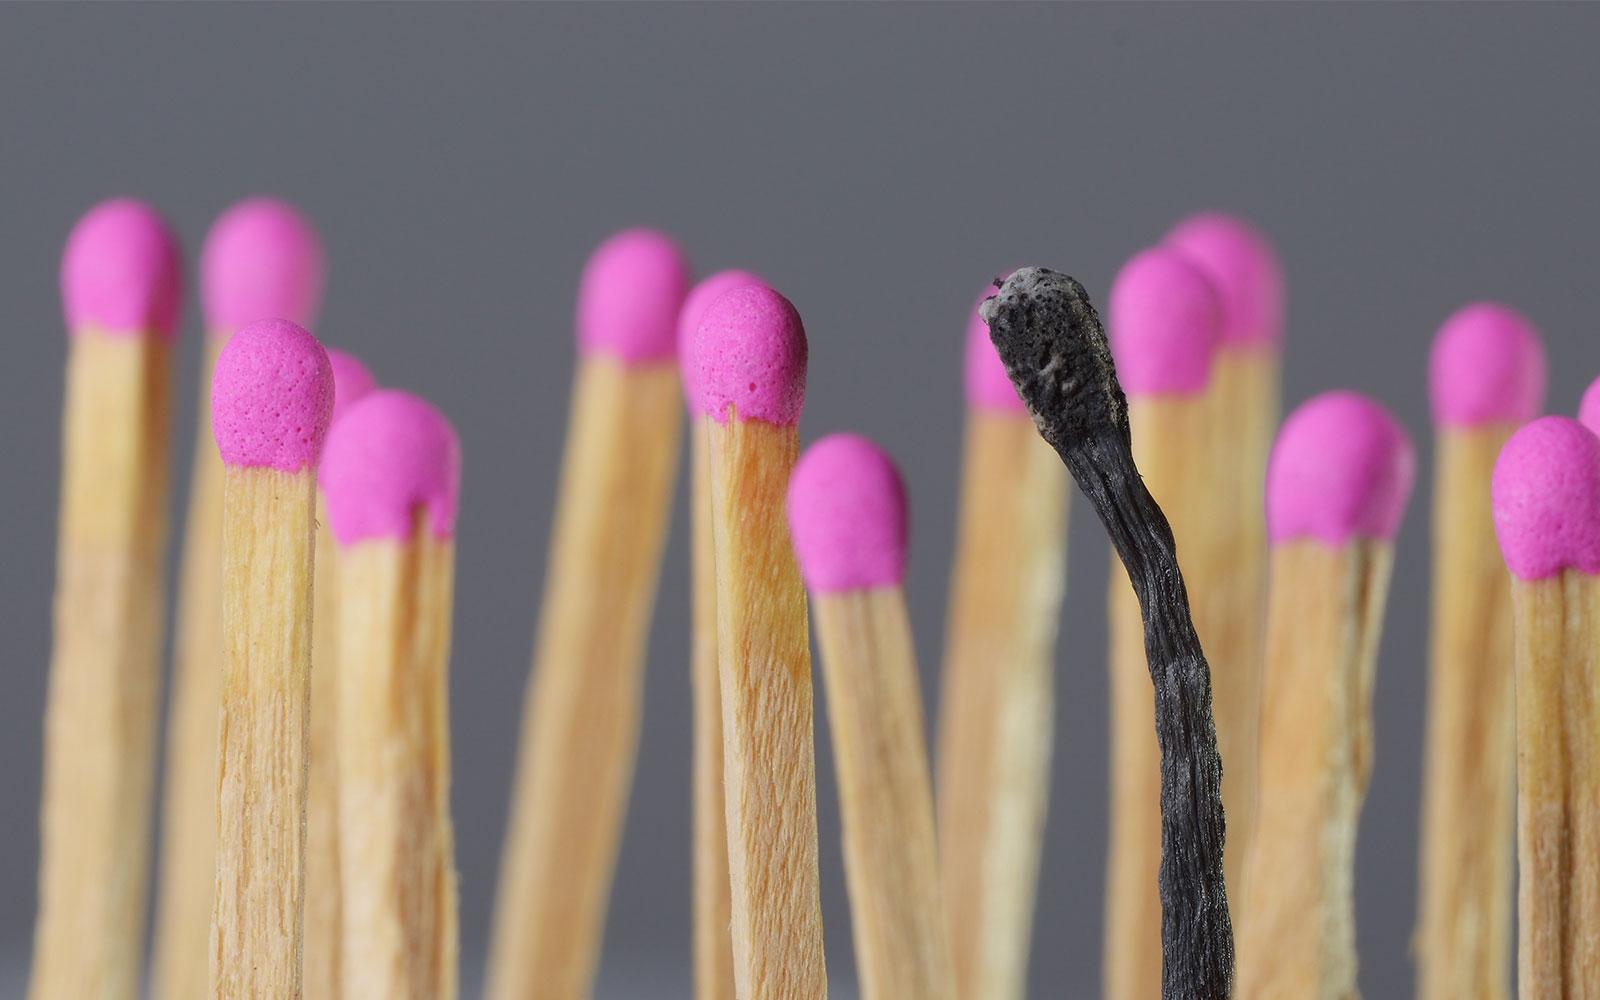 Wiedereinstieg nach Burnout: 6 Tipps für Unternehmen